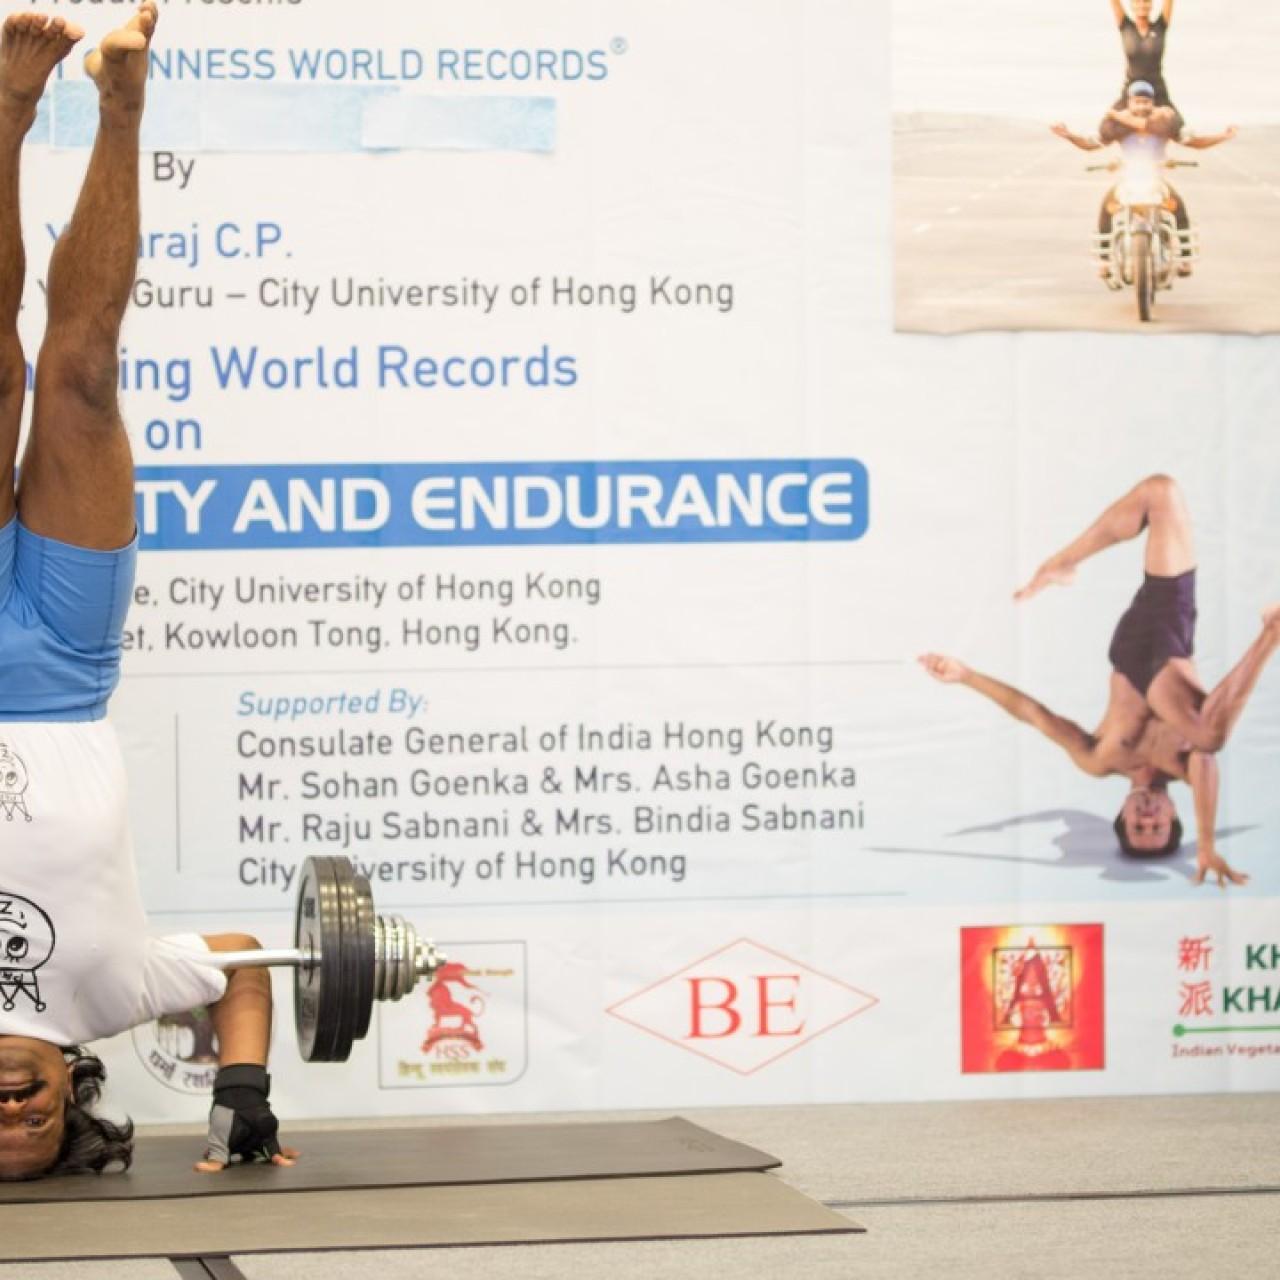 Hong Kong yogi breaks Guinness World Records for headstand